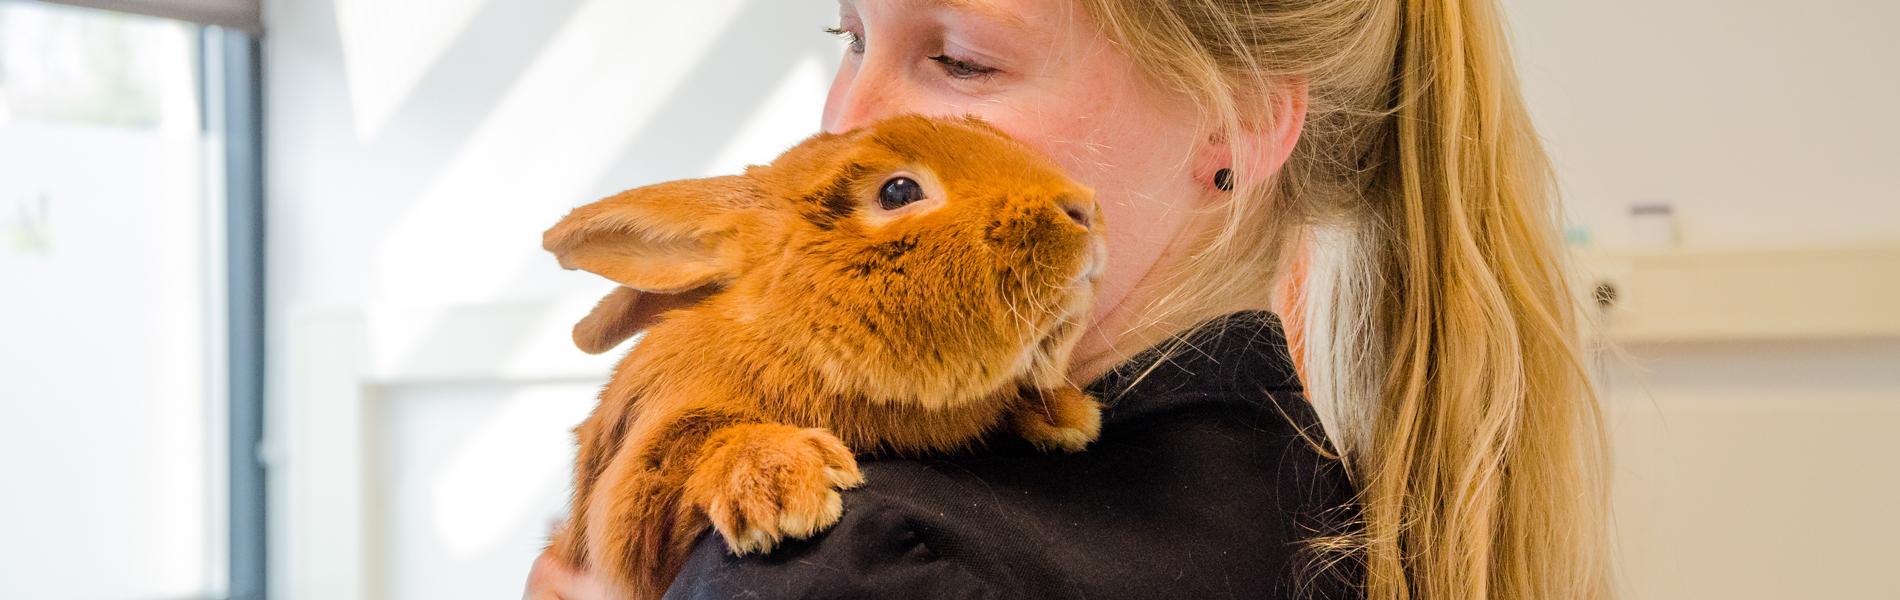 Castratie/sterilisatie bij het konijn